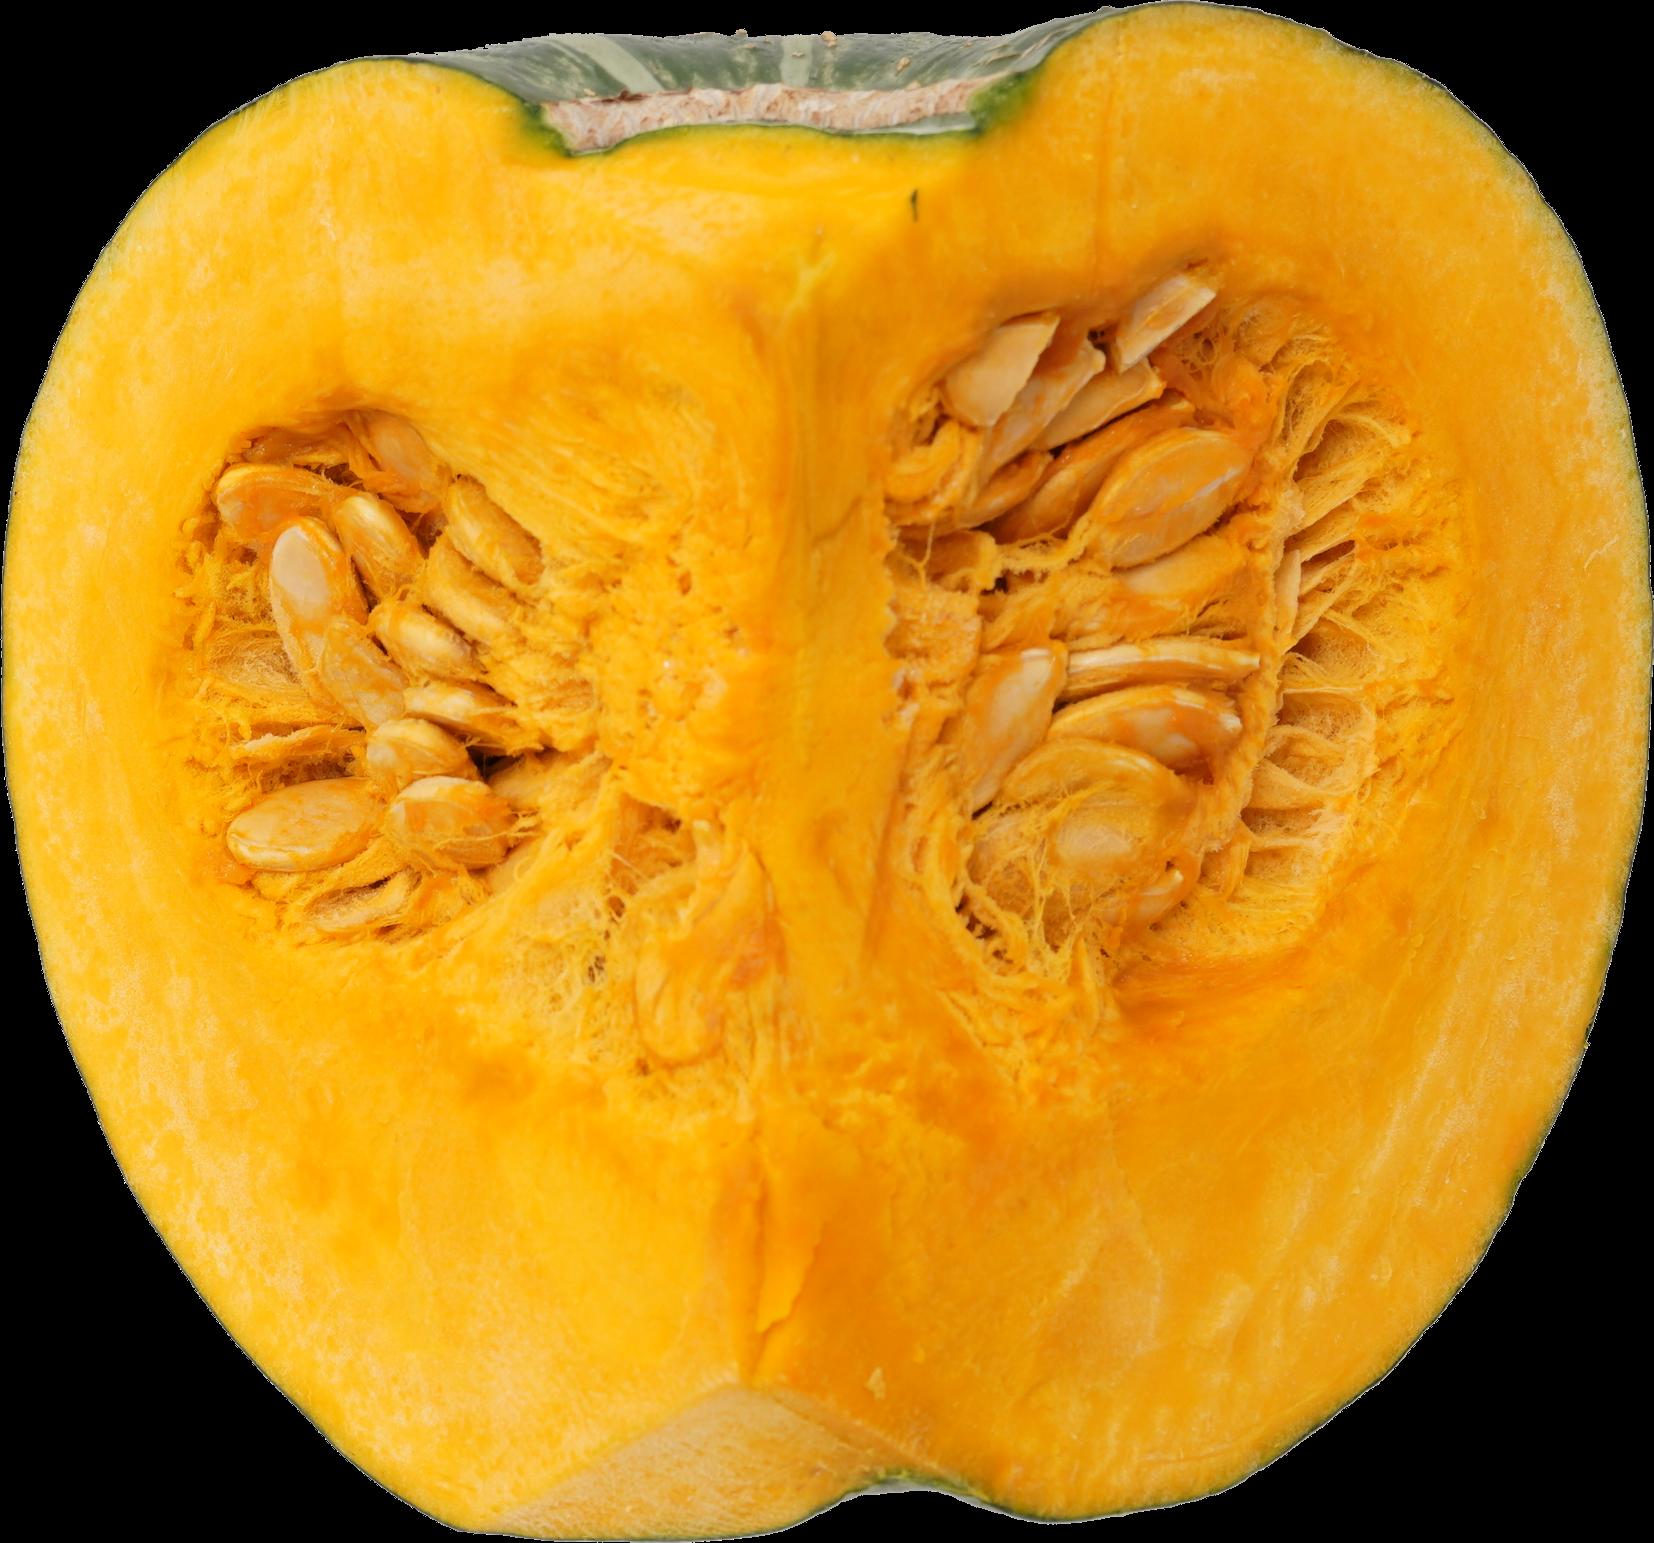 かぼちゃ|商用可フリー画像・背景透過